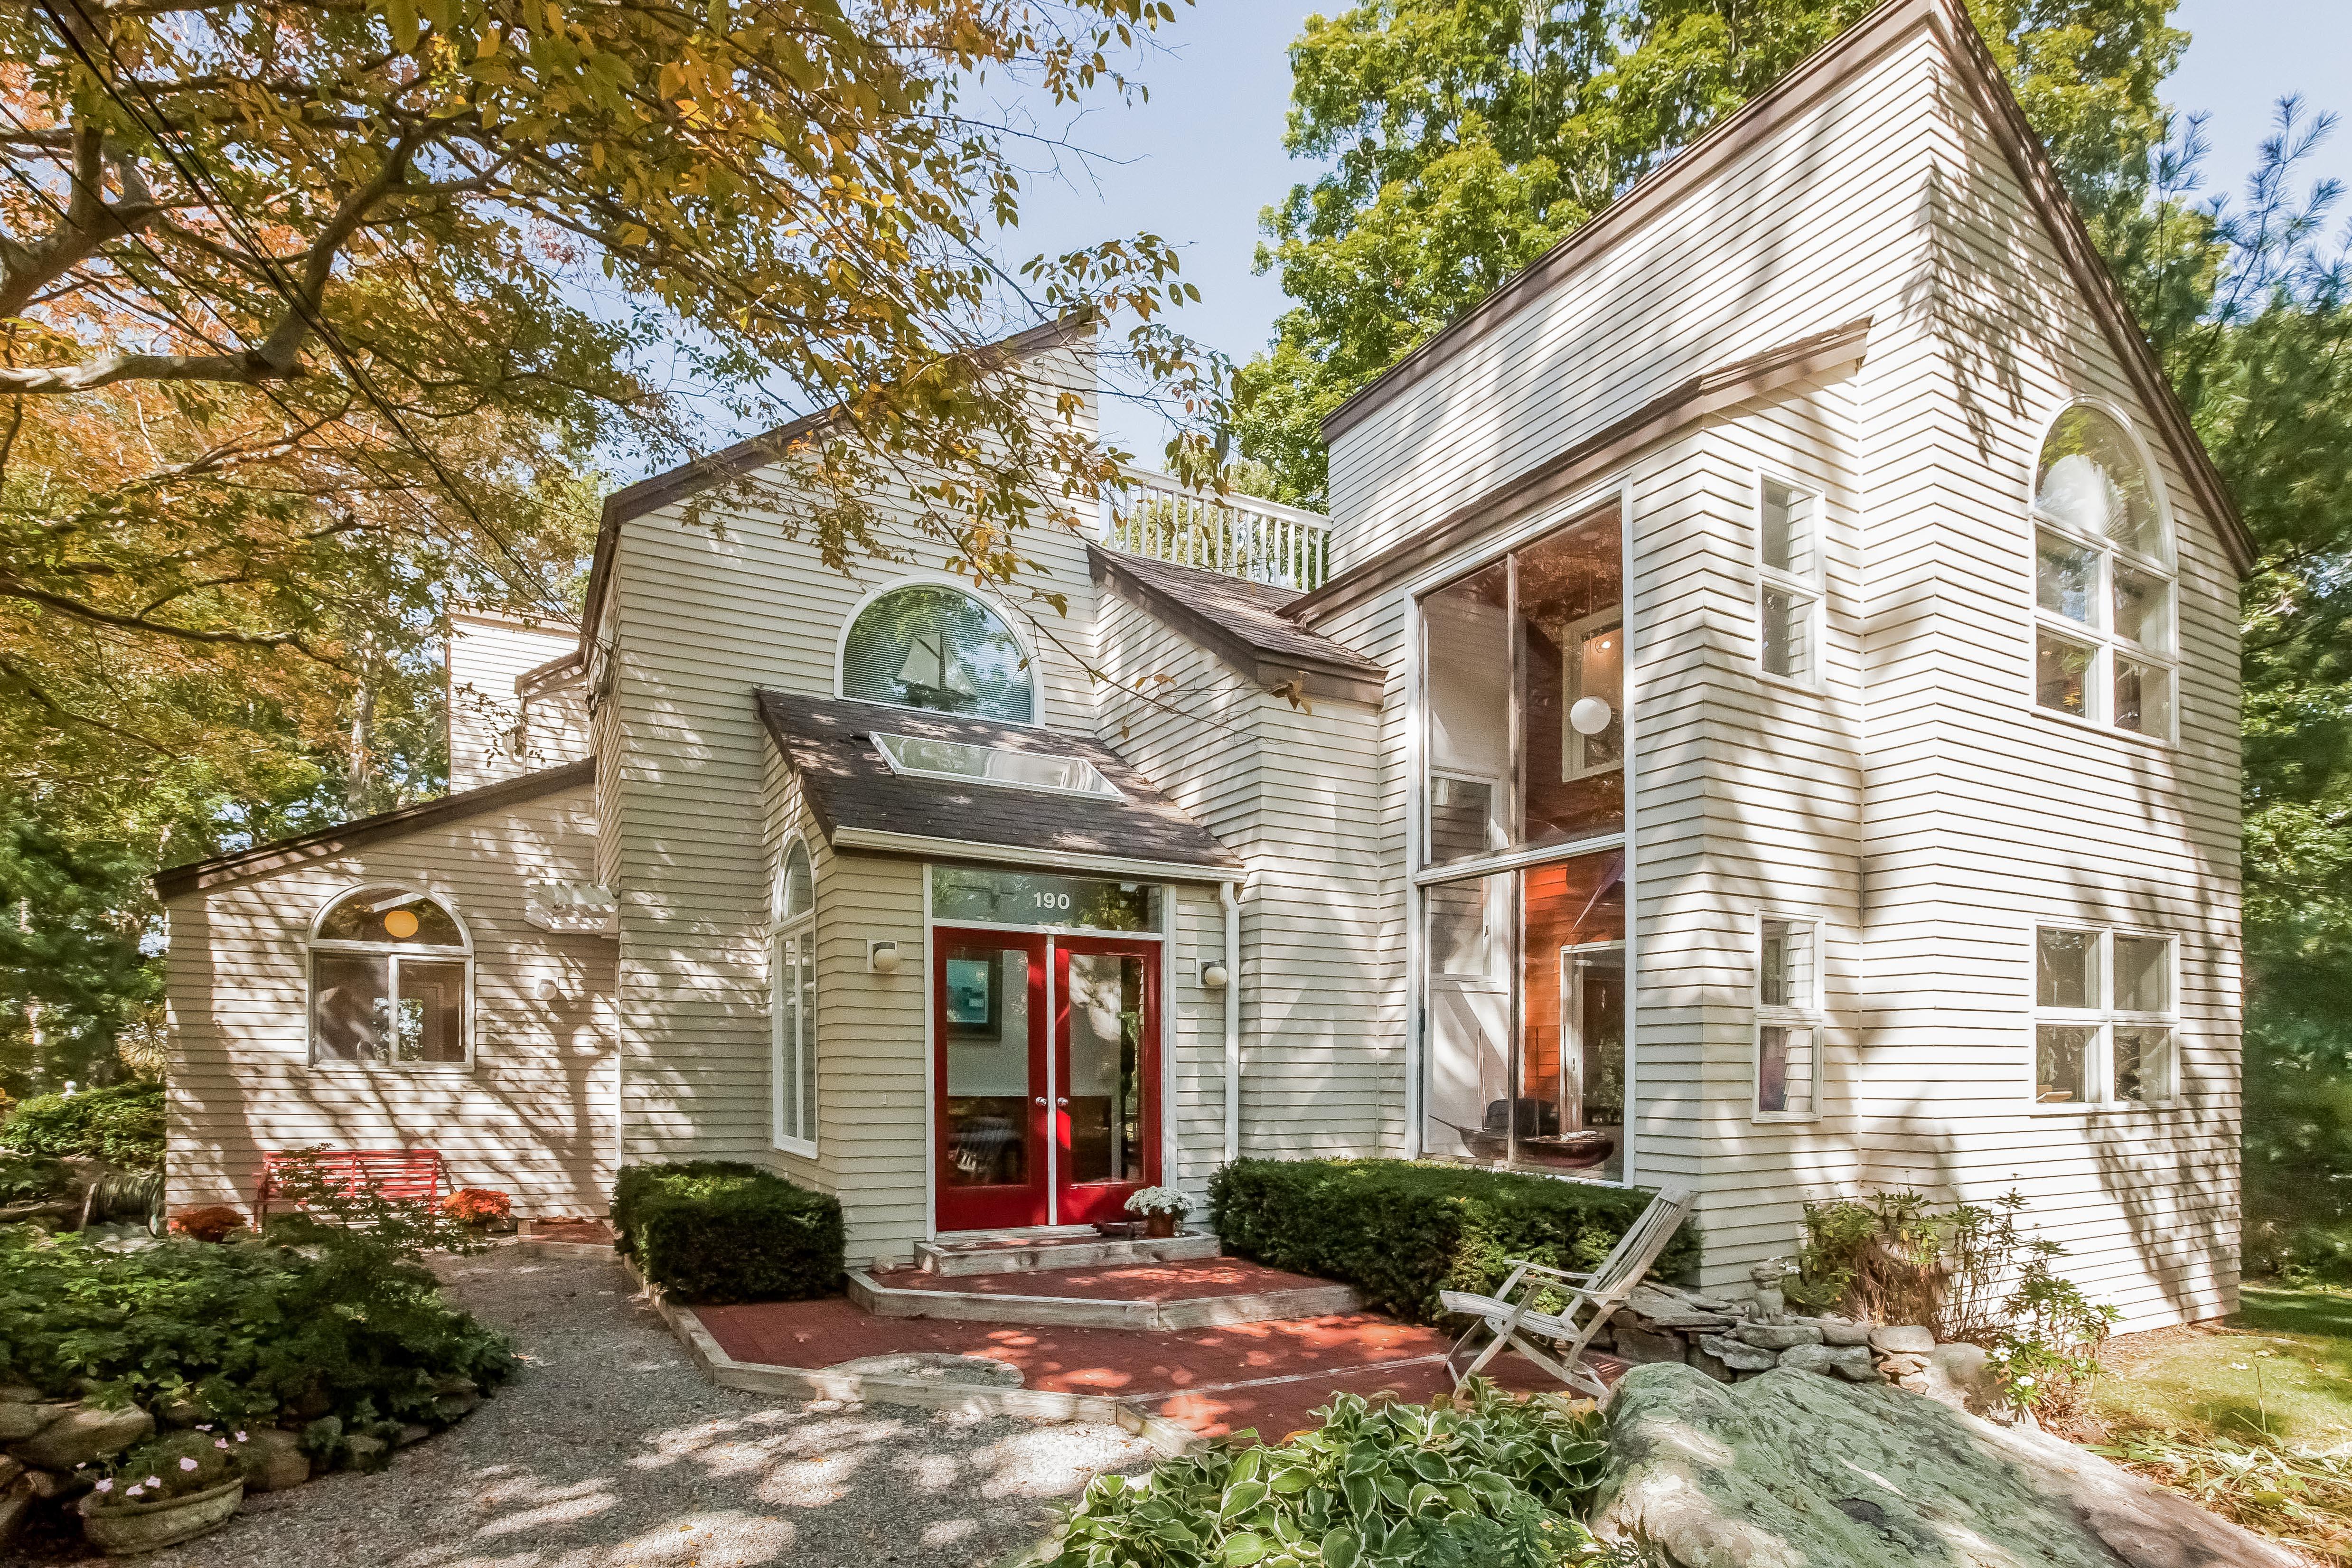 Einfamilienhaus für Verkauf beim Neck Rd 190 Neck Rd Madison, Connecticut 06443 Vereinigte Staaten